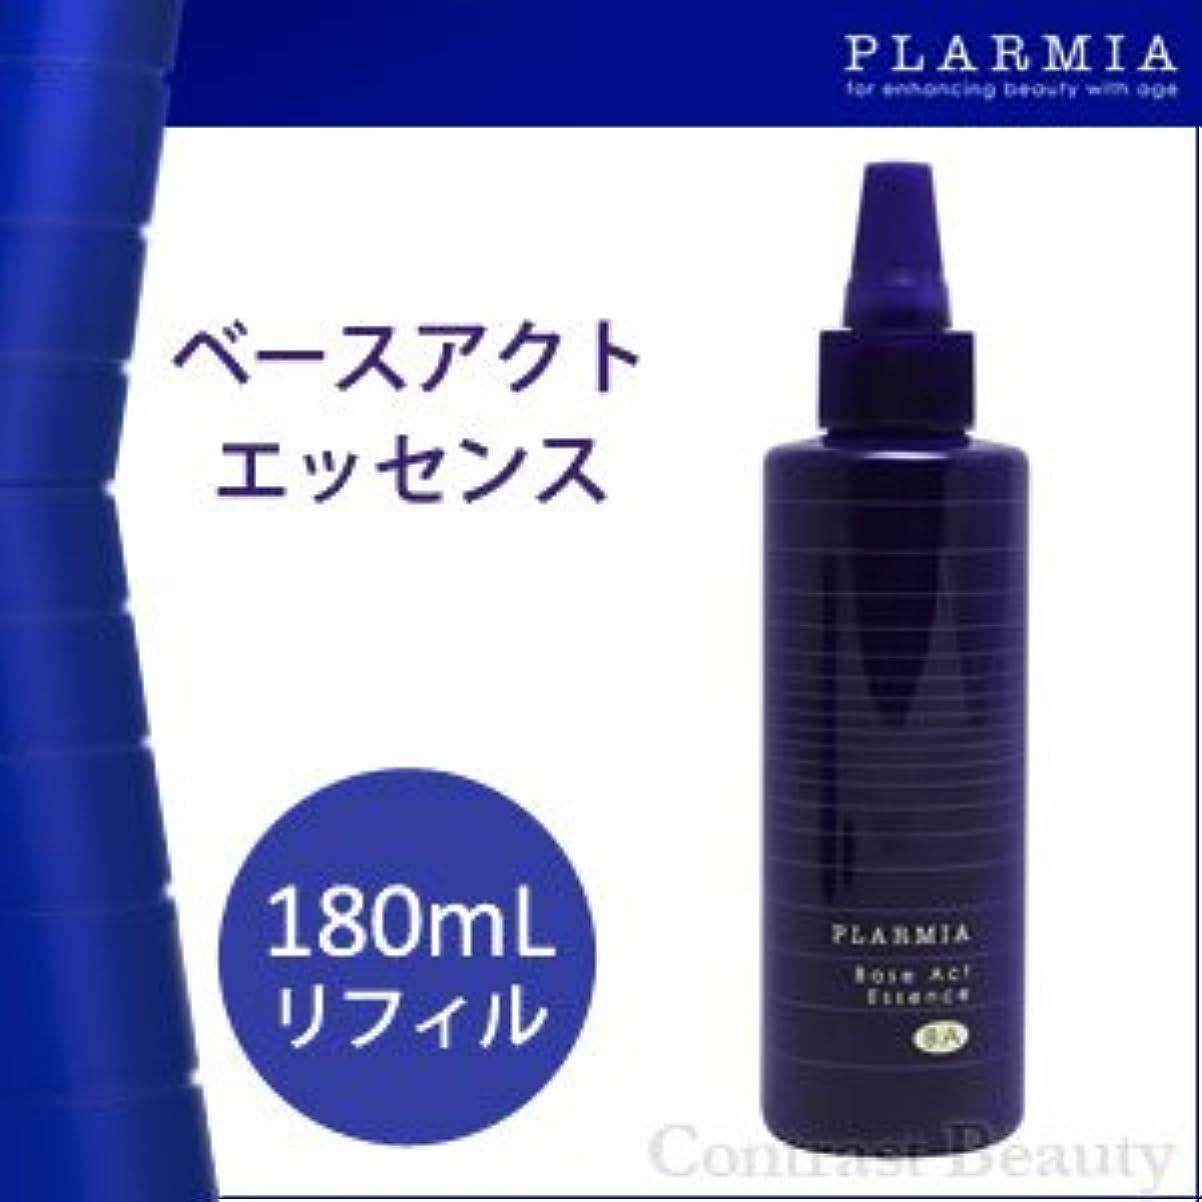 可能にする野な無能【X3個セット】 ミルボン プラーミア ベースアクトエッセンス 180ml 詰替え用 医薬部外品